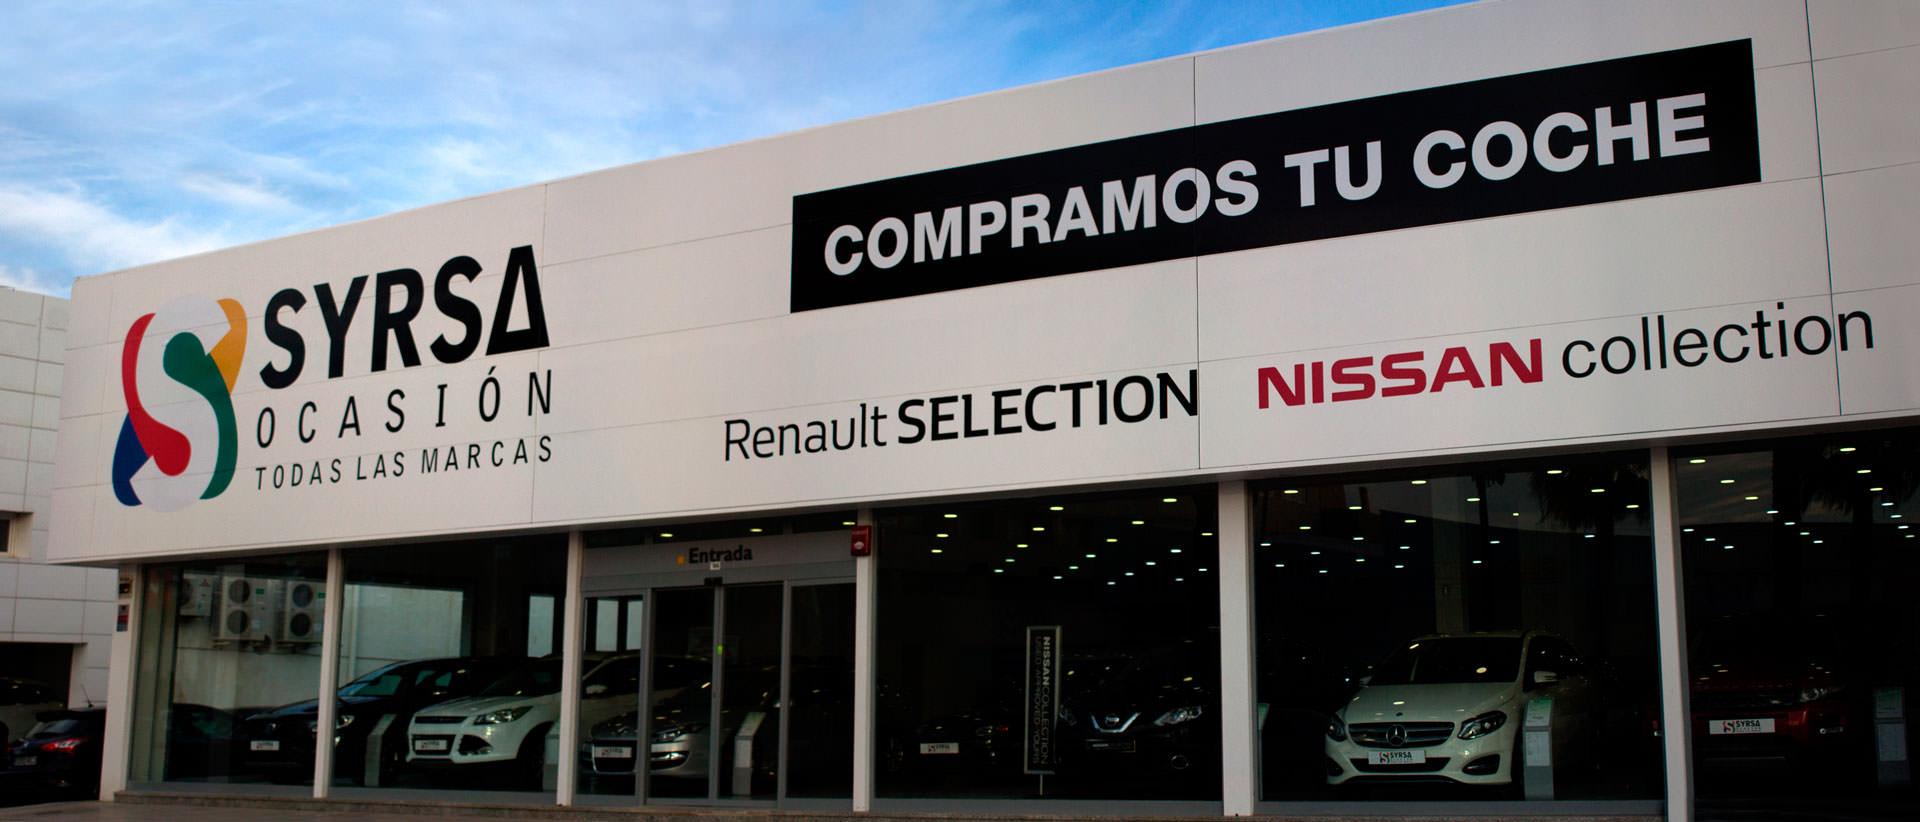 Concesionario - Las mejores ofertas en vehículos de ocasión - Syrsa ocasión